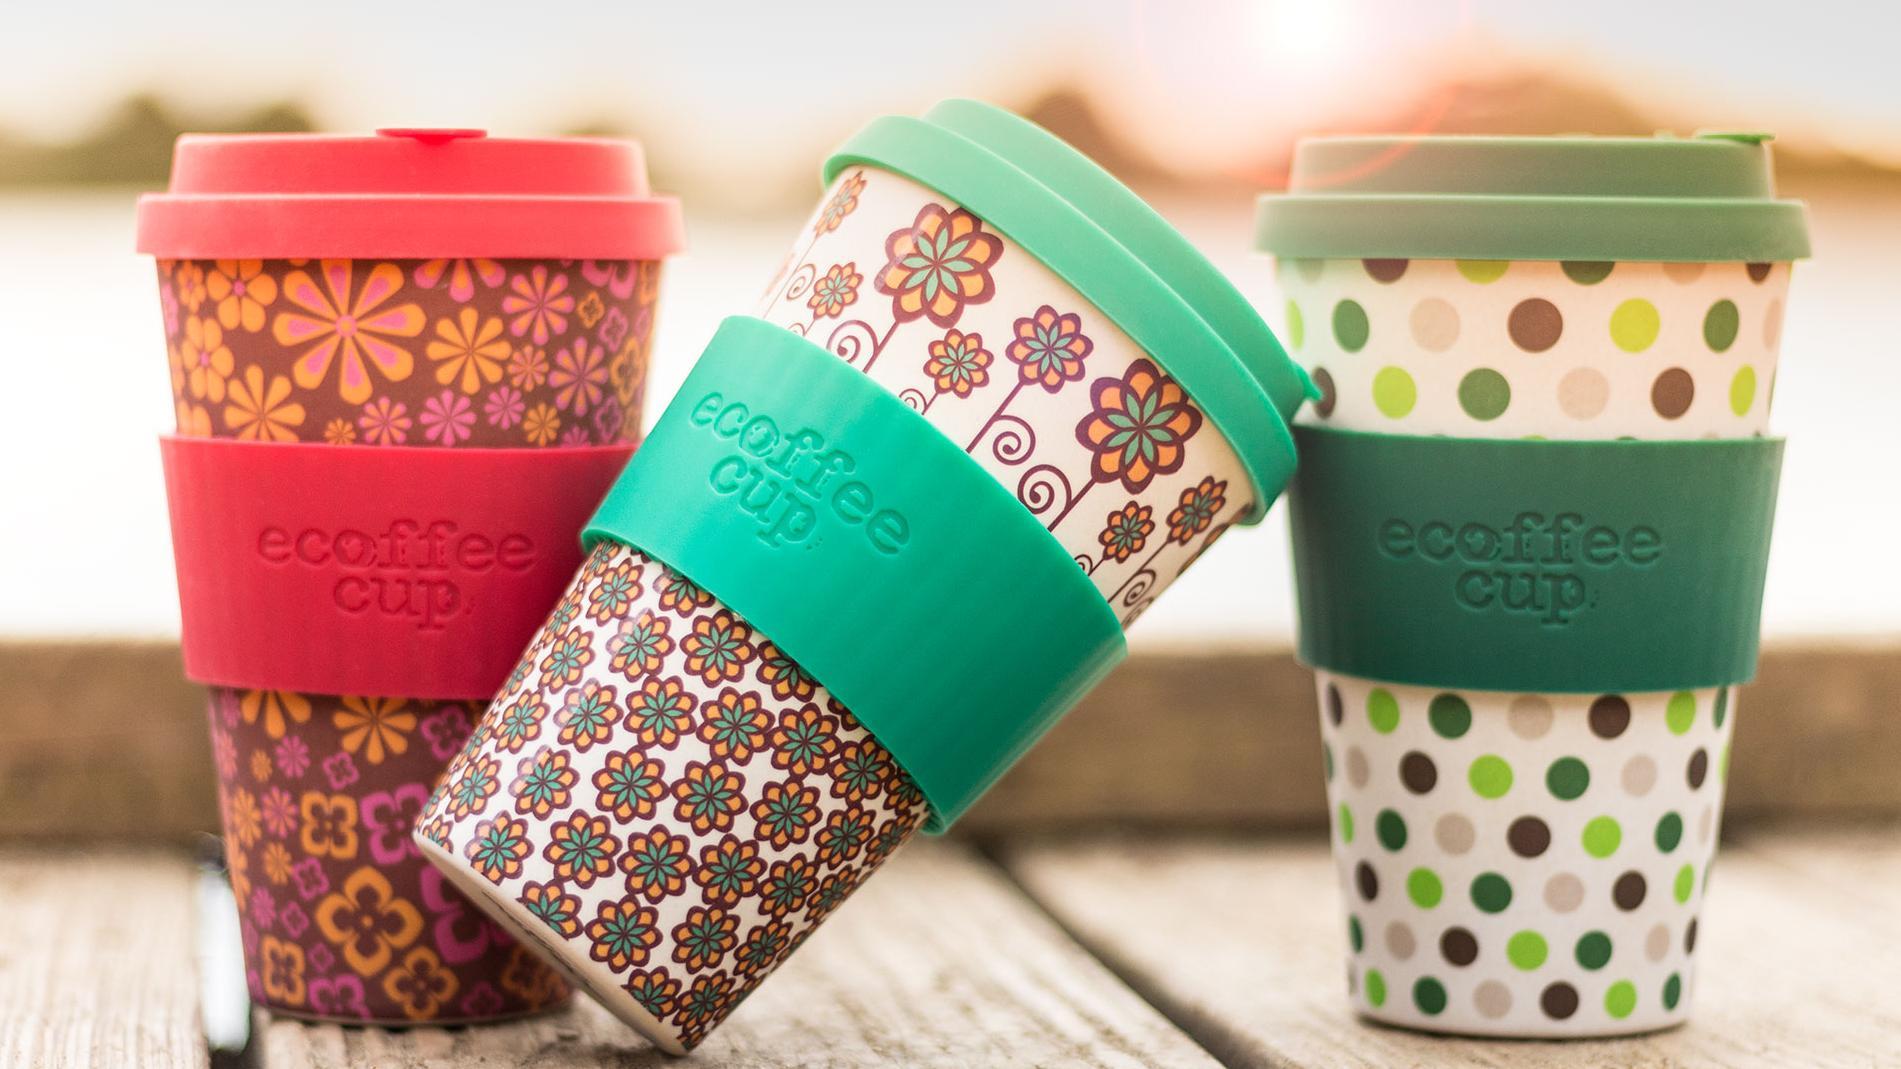 стаканы для кофе Ecoffee cup